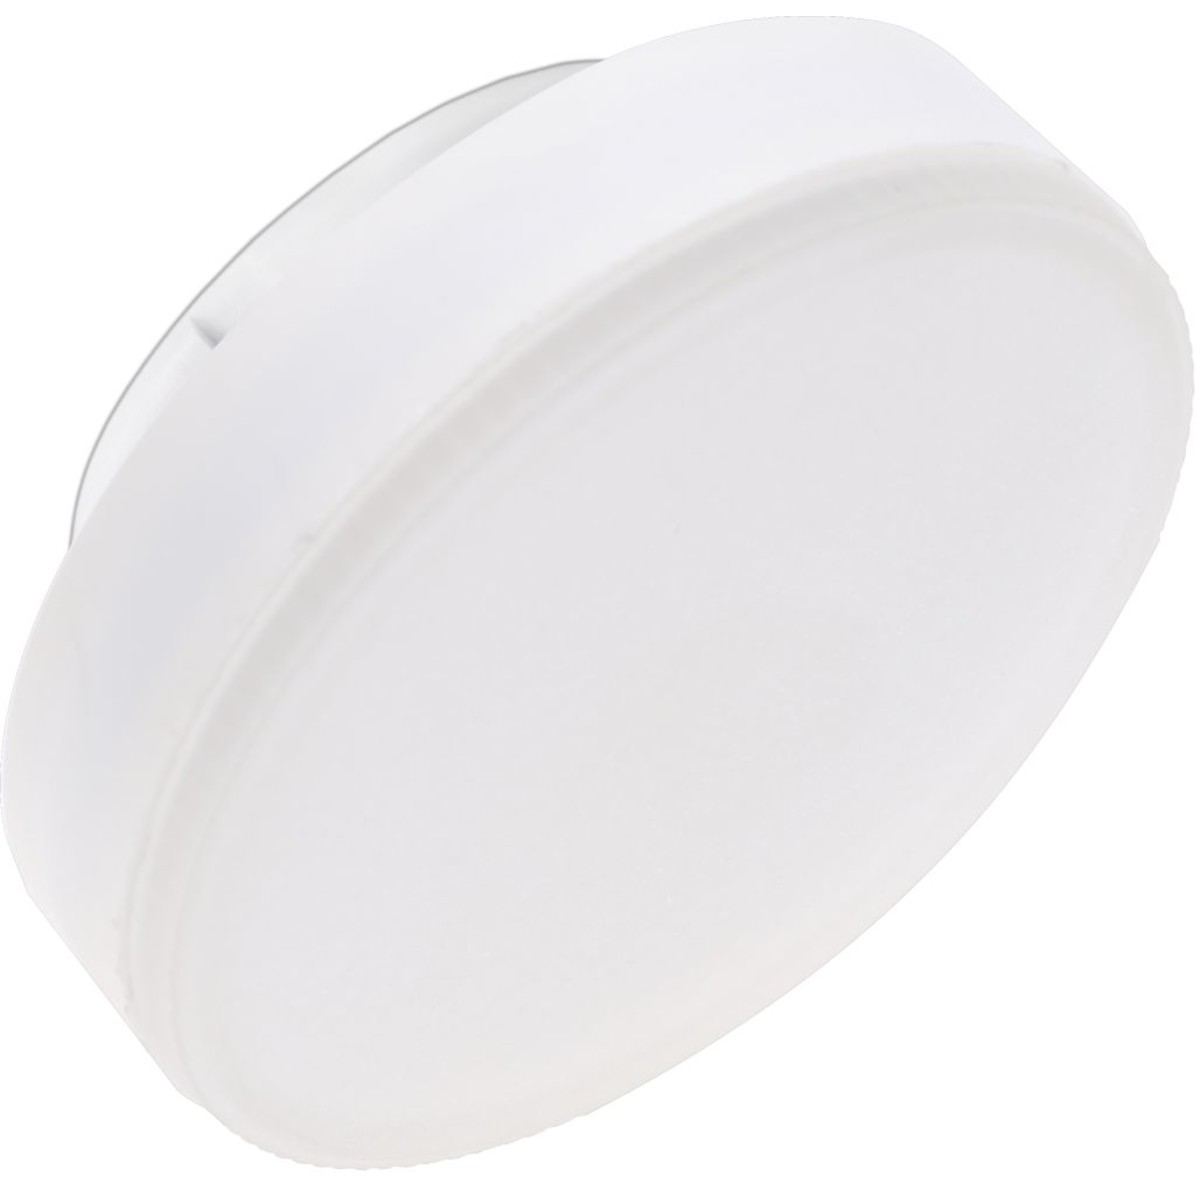 Лампа Ecola light GX53 8 Вт таблетка 640 Лм холодный 10 шт